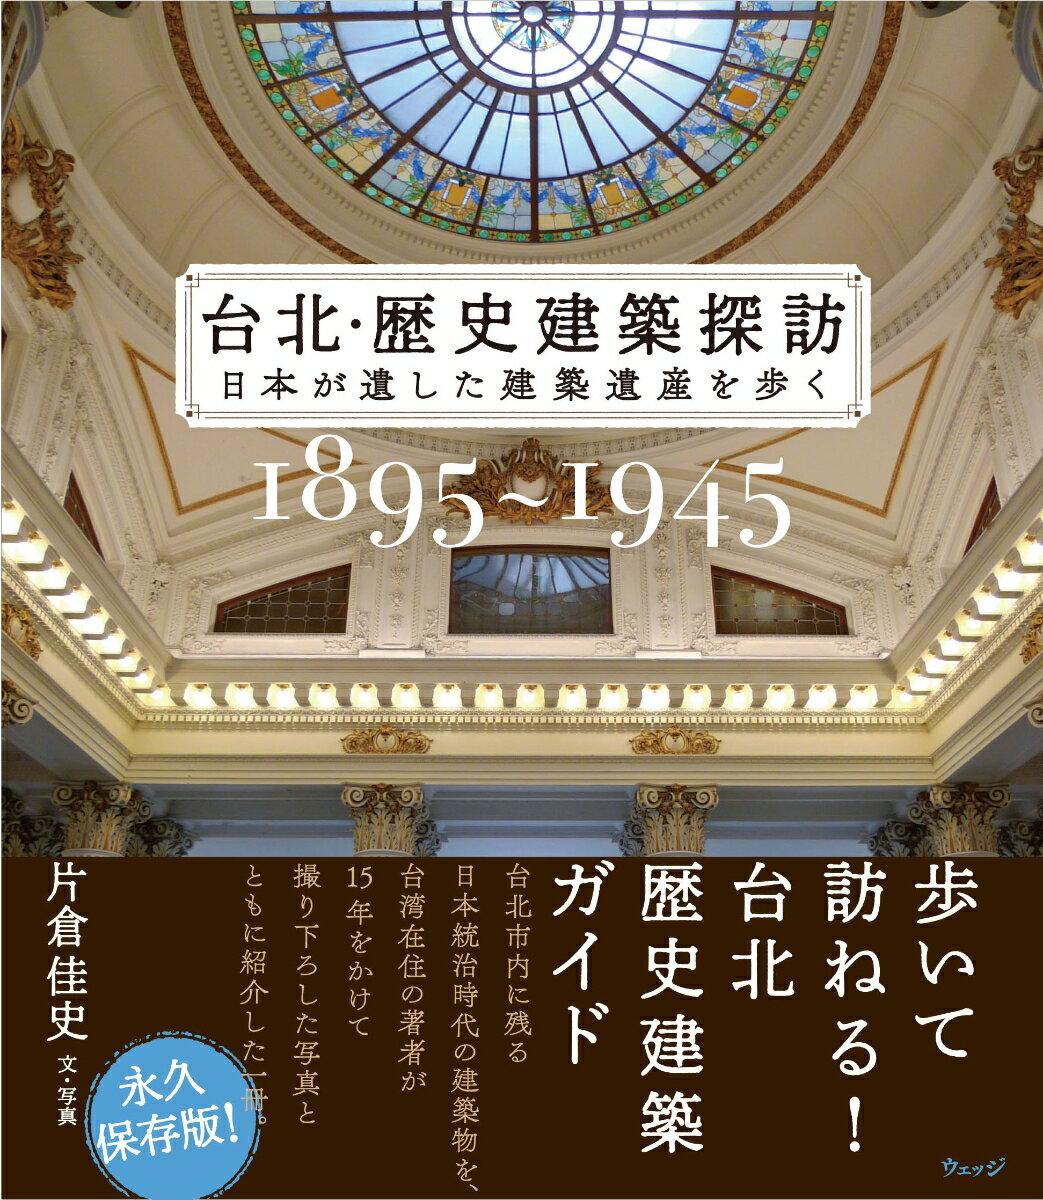 台北・歴史建築探訪(1985〜1945) 日本が遺した建築遺産を歩く [ 片倉佳史 ]